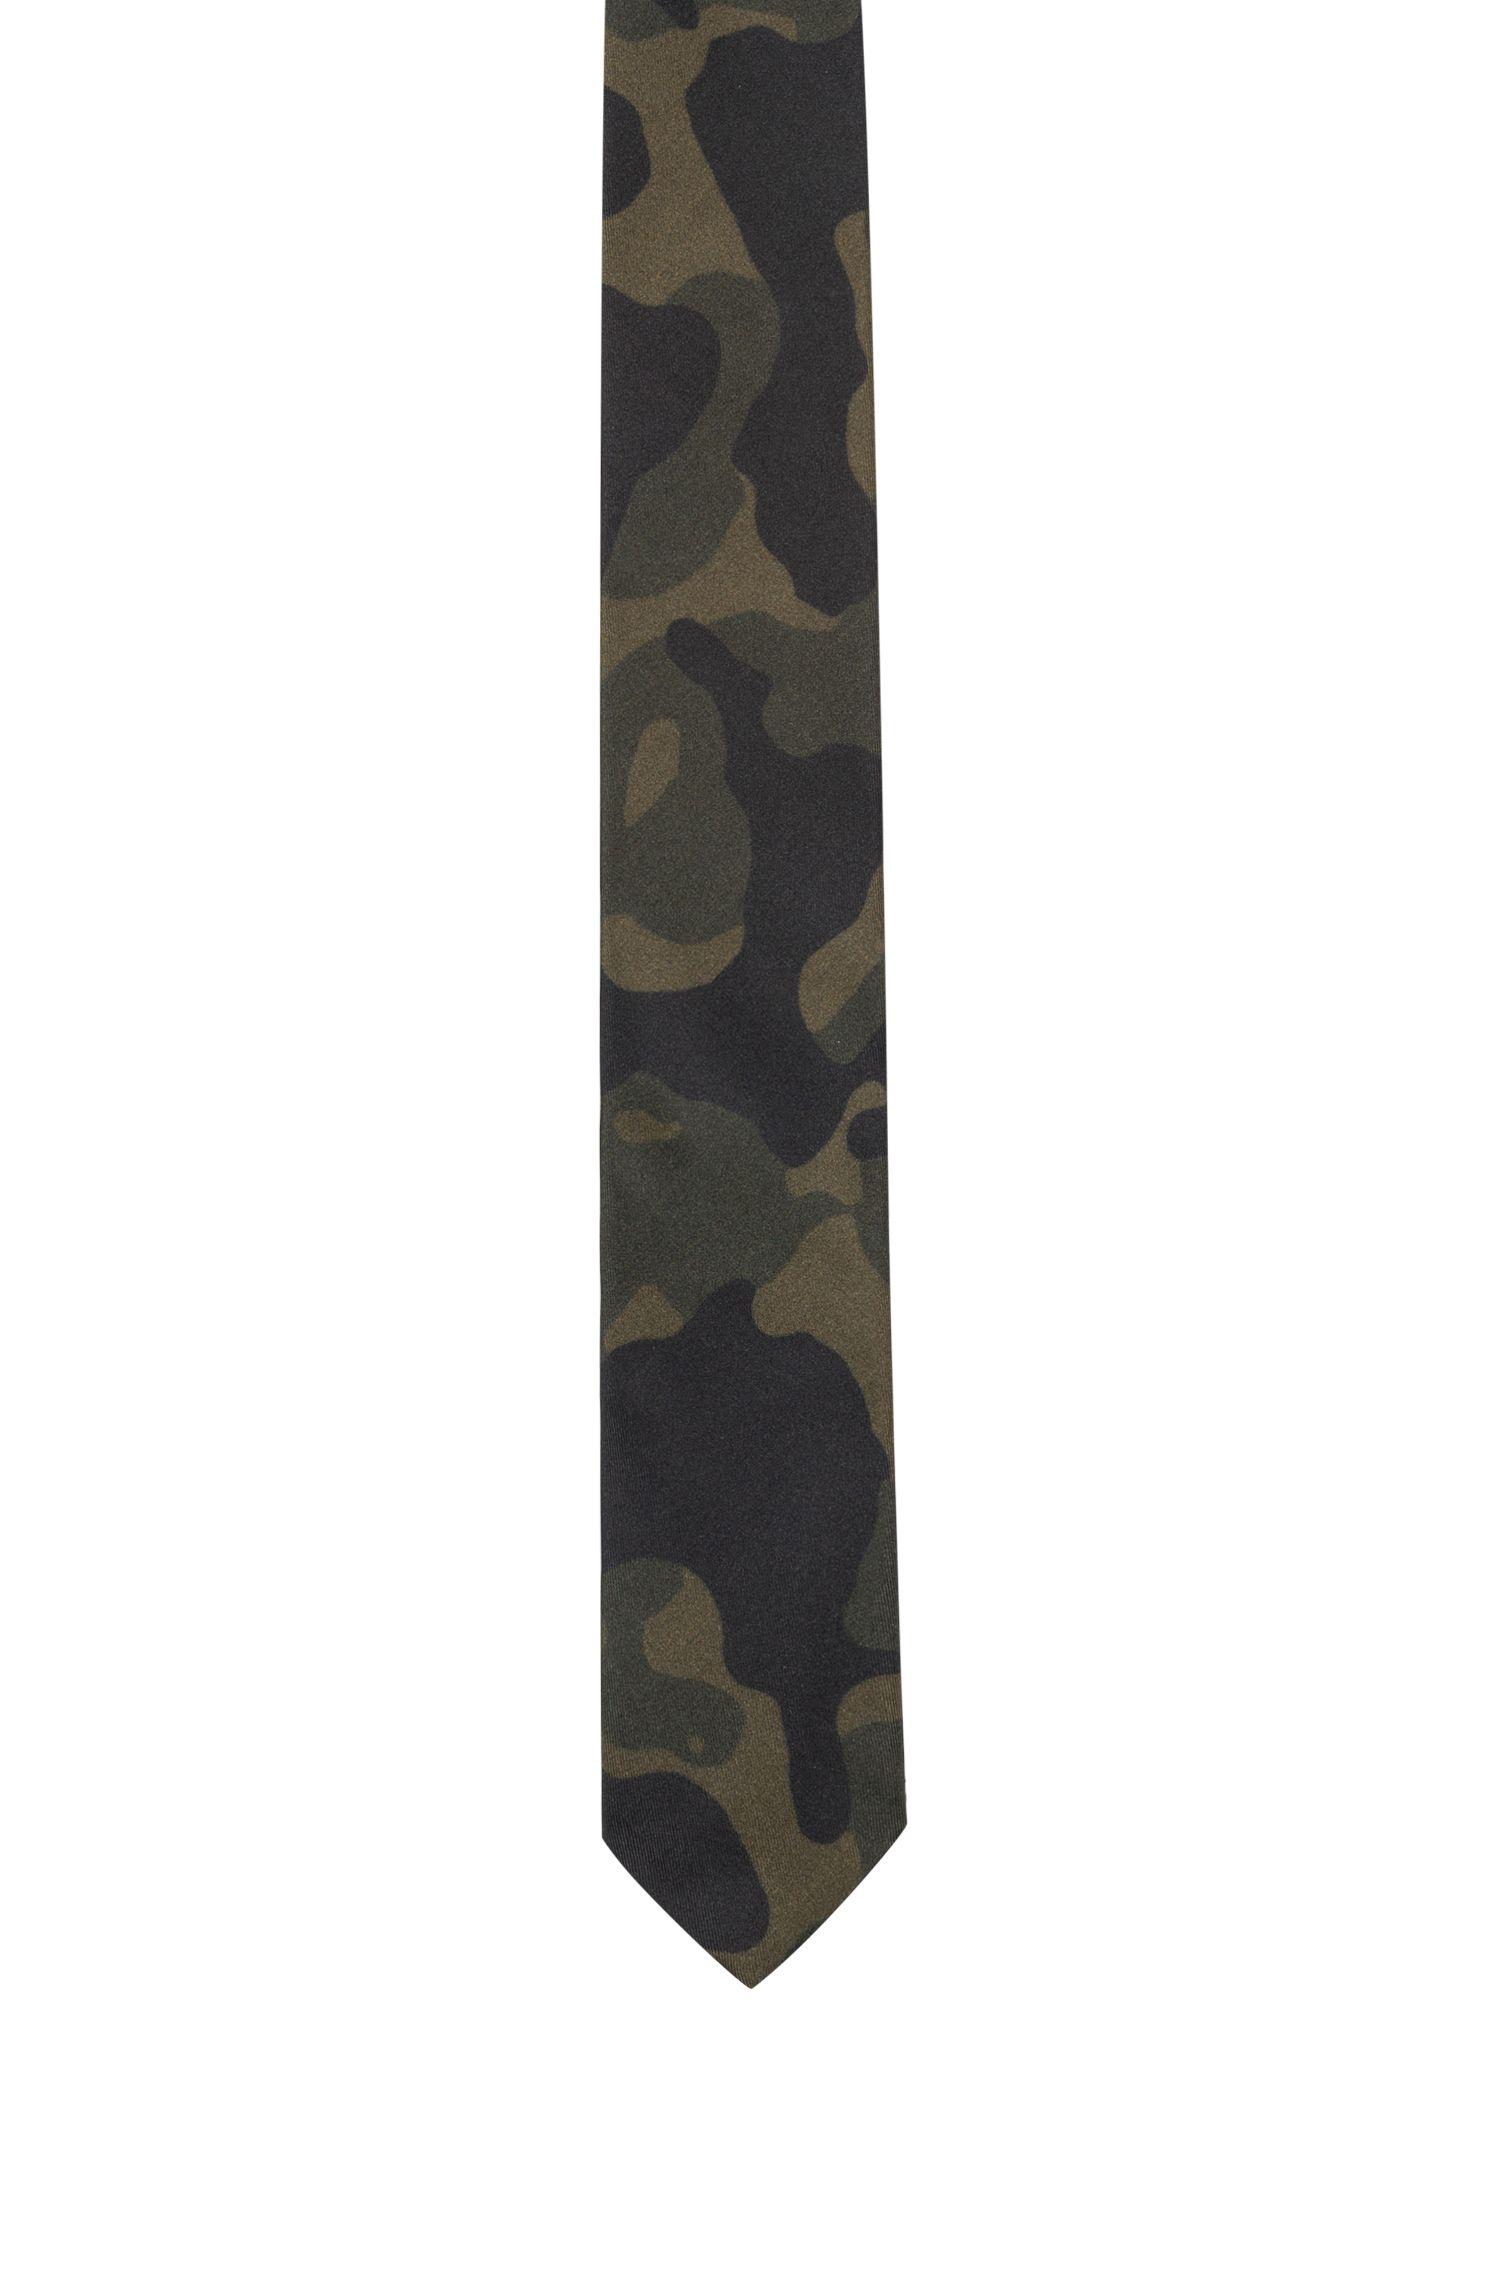 Cravate en soie à imprimé camouflage, Vert sombre